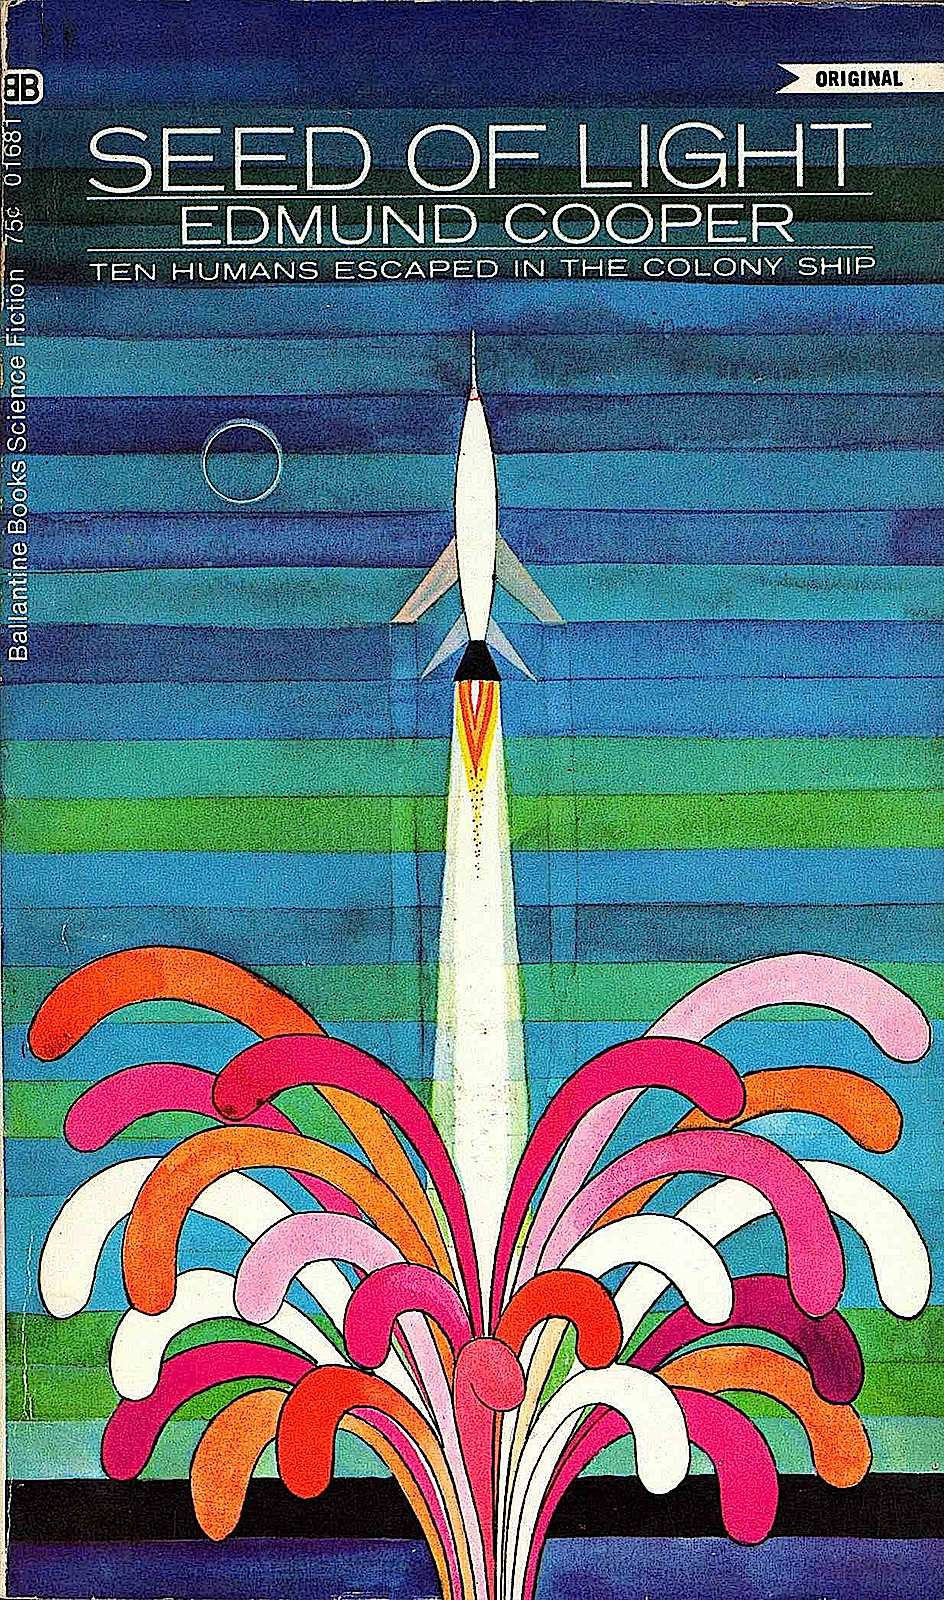 Bob Pepper 1969 book cover